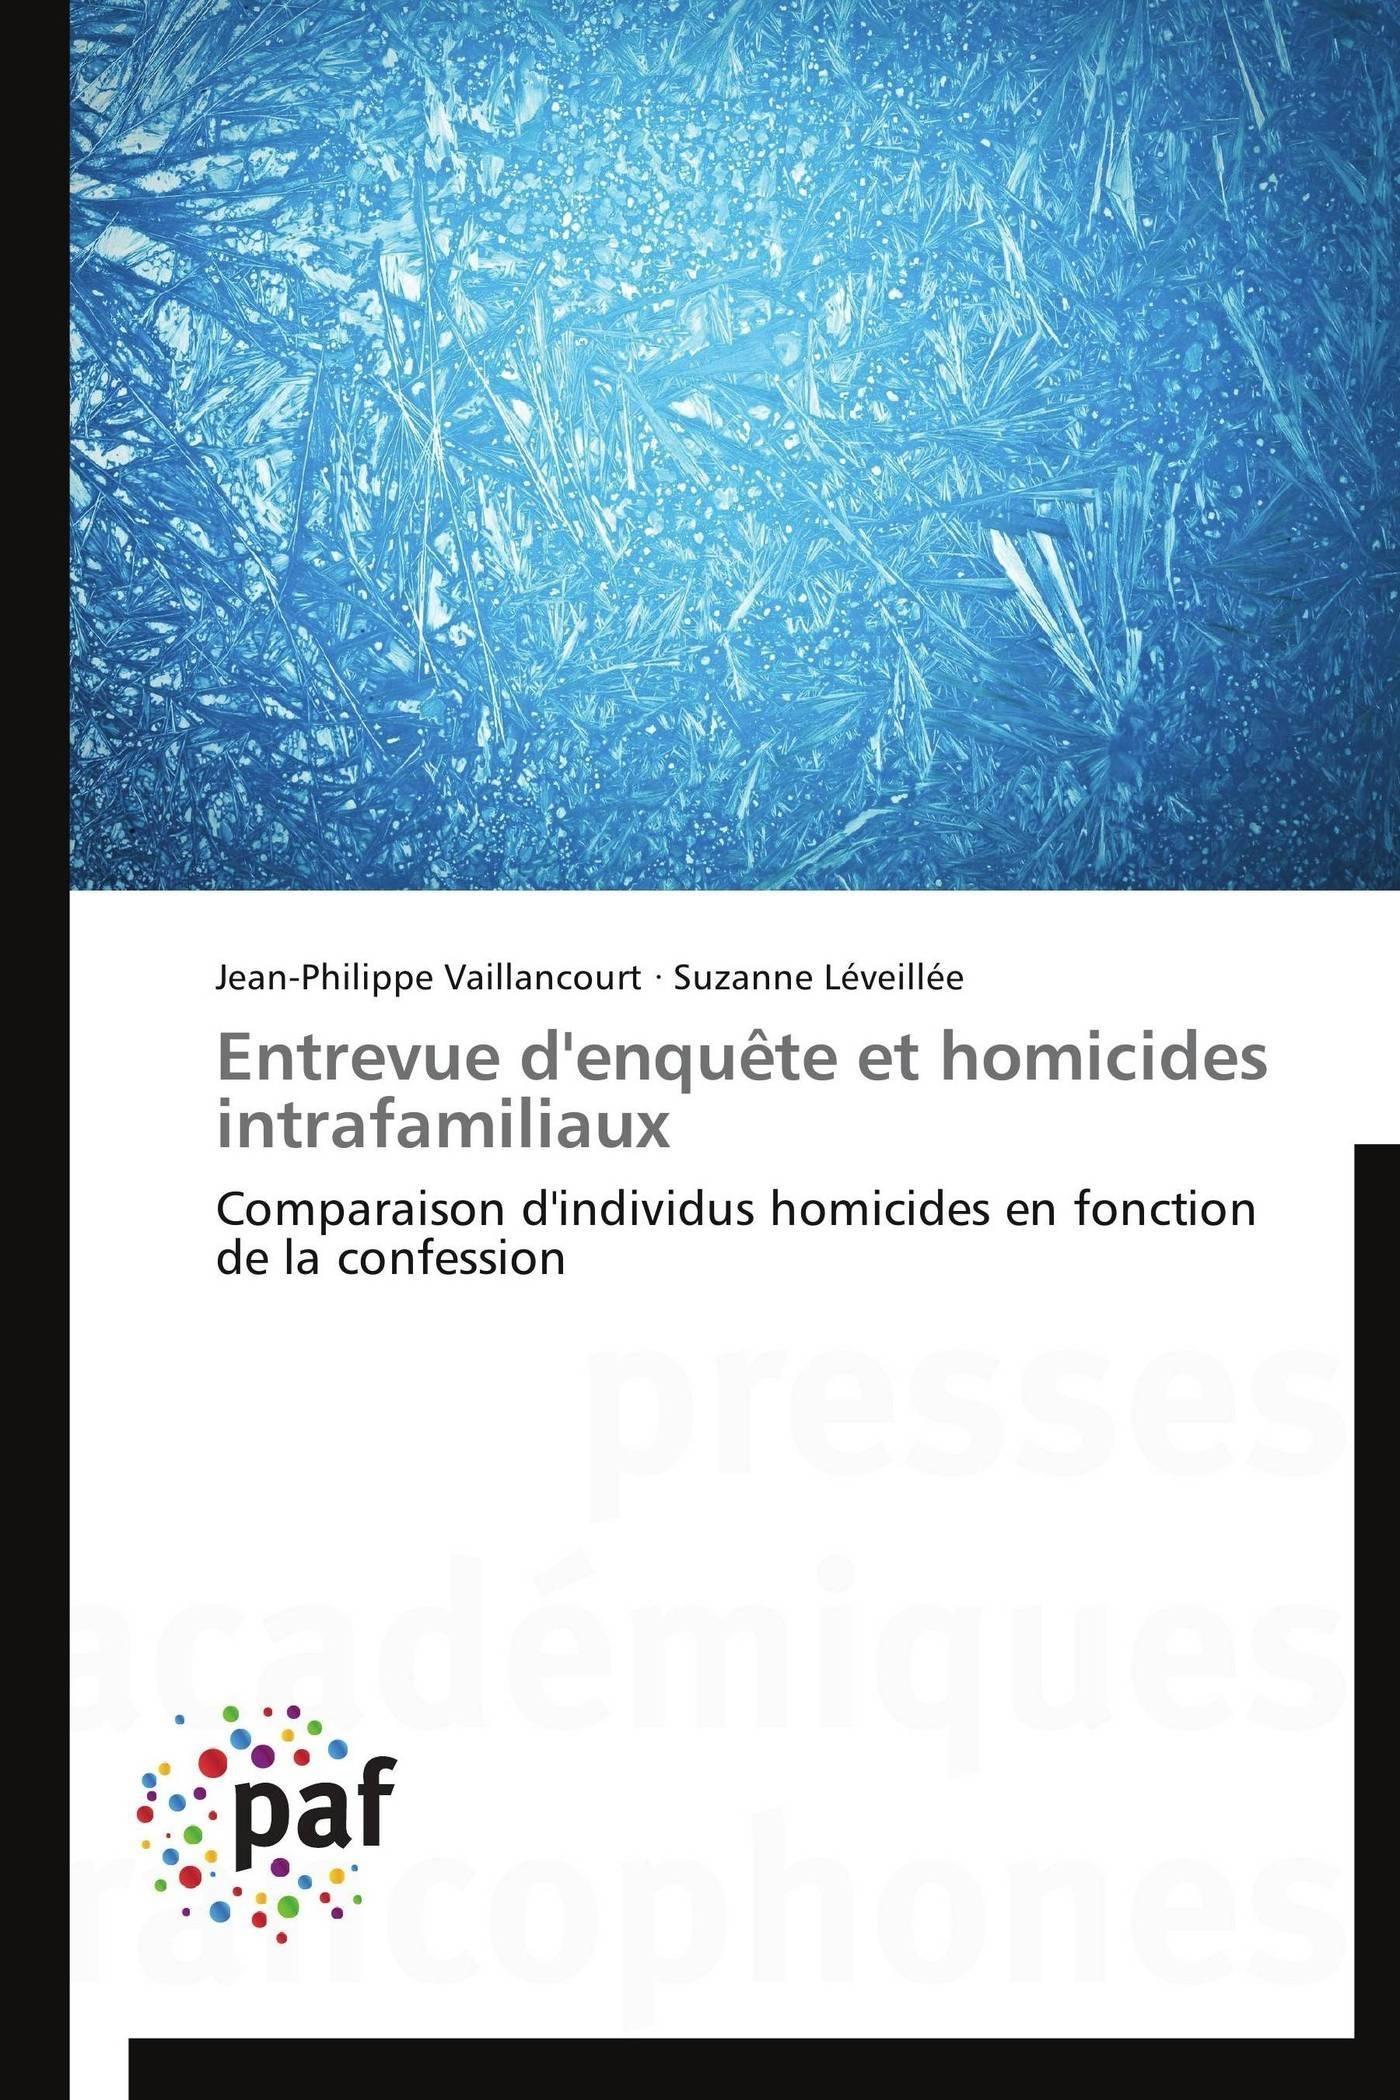 ENTREVUE D'ENQUETE ET HOMICIDES INTRAFAMILIAUX